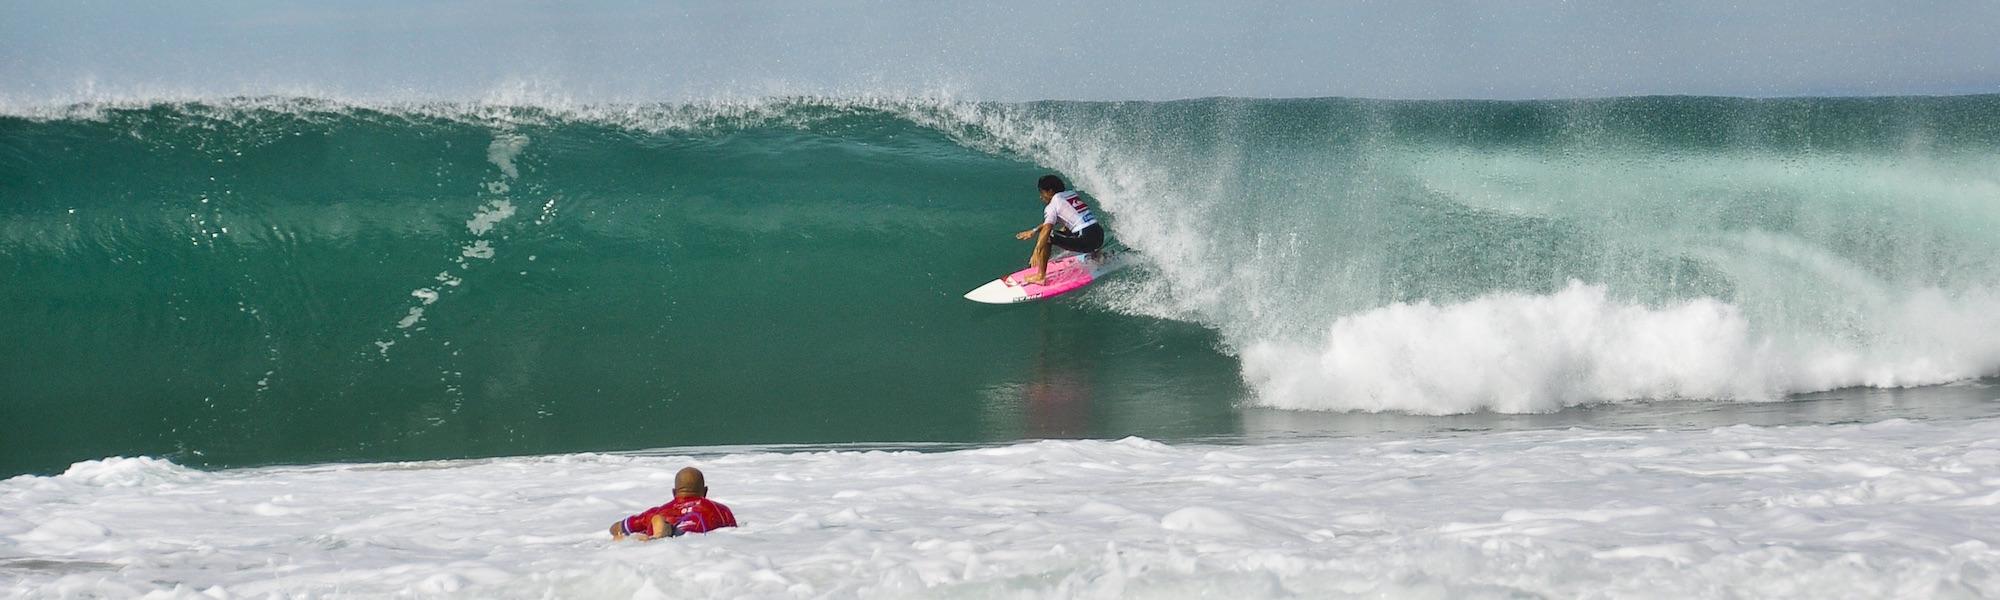 surf aritz aranburu y kelly slater en hossegor